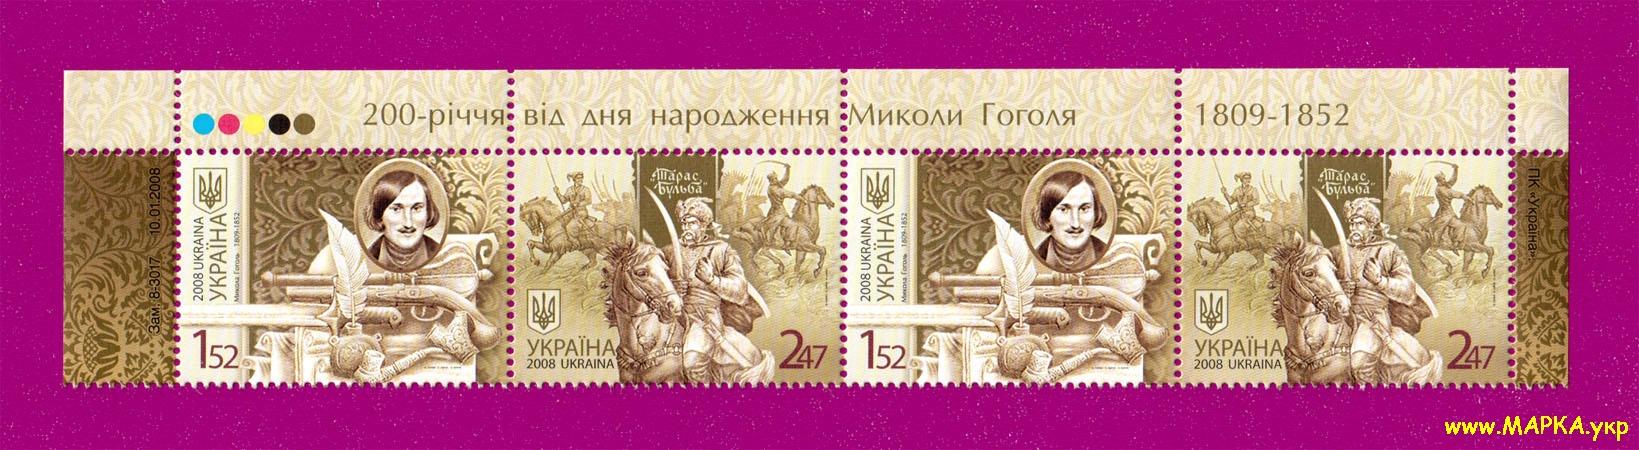 2008 верх листа Николай Гоголь писатель Украина